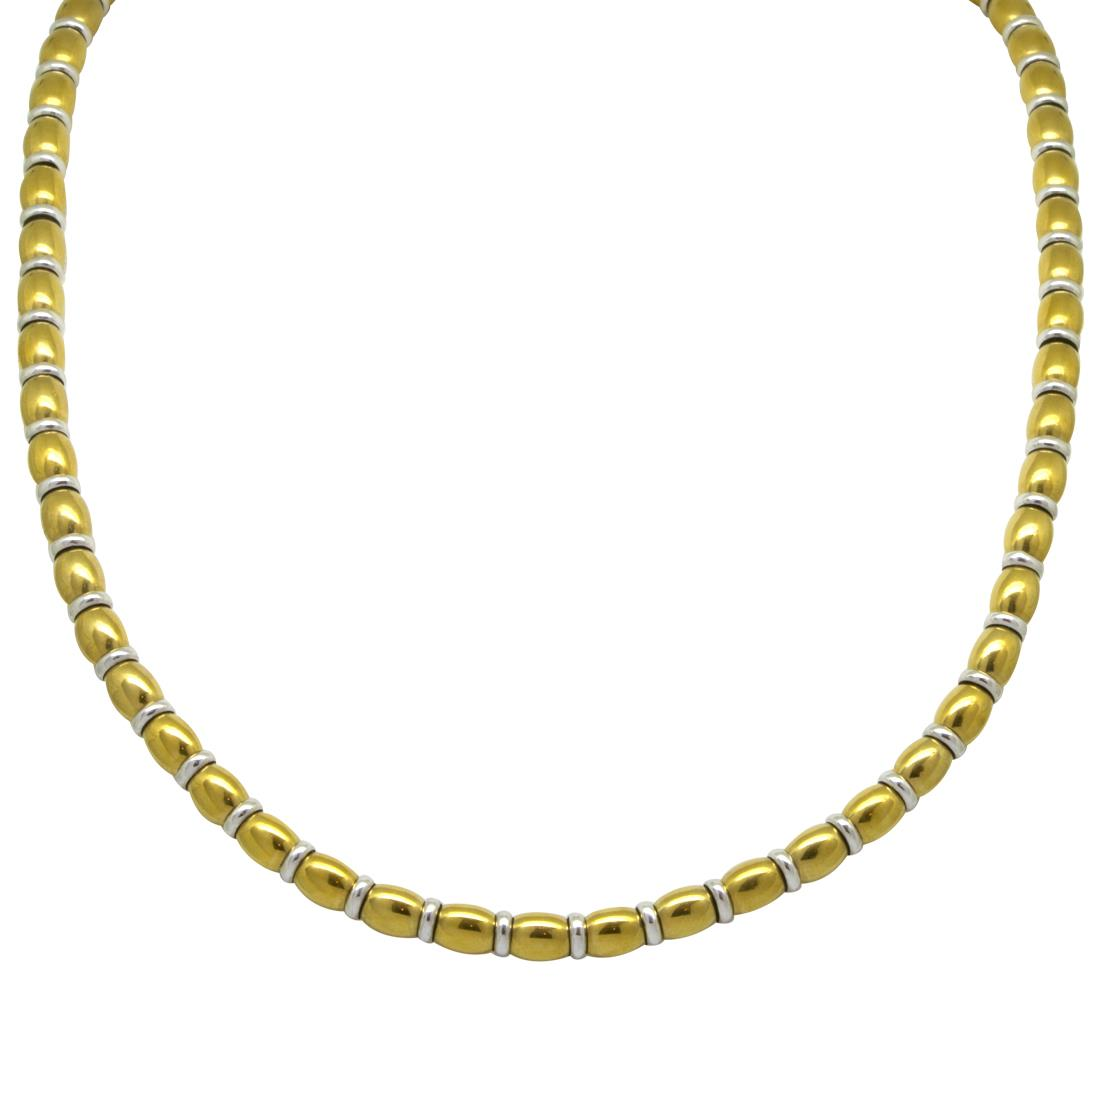 Collana in acciaio e oro bianco - ROBERTO DEMEGLIO